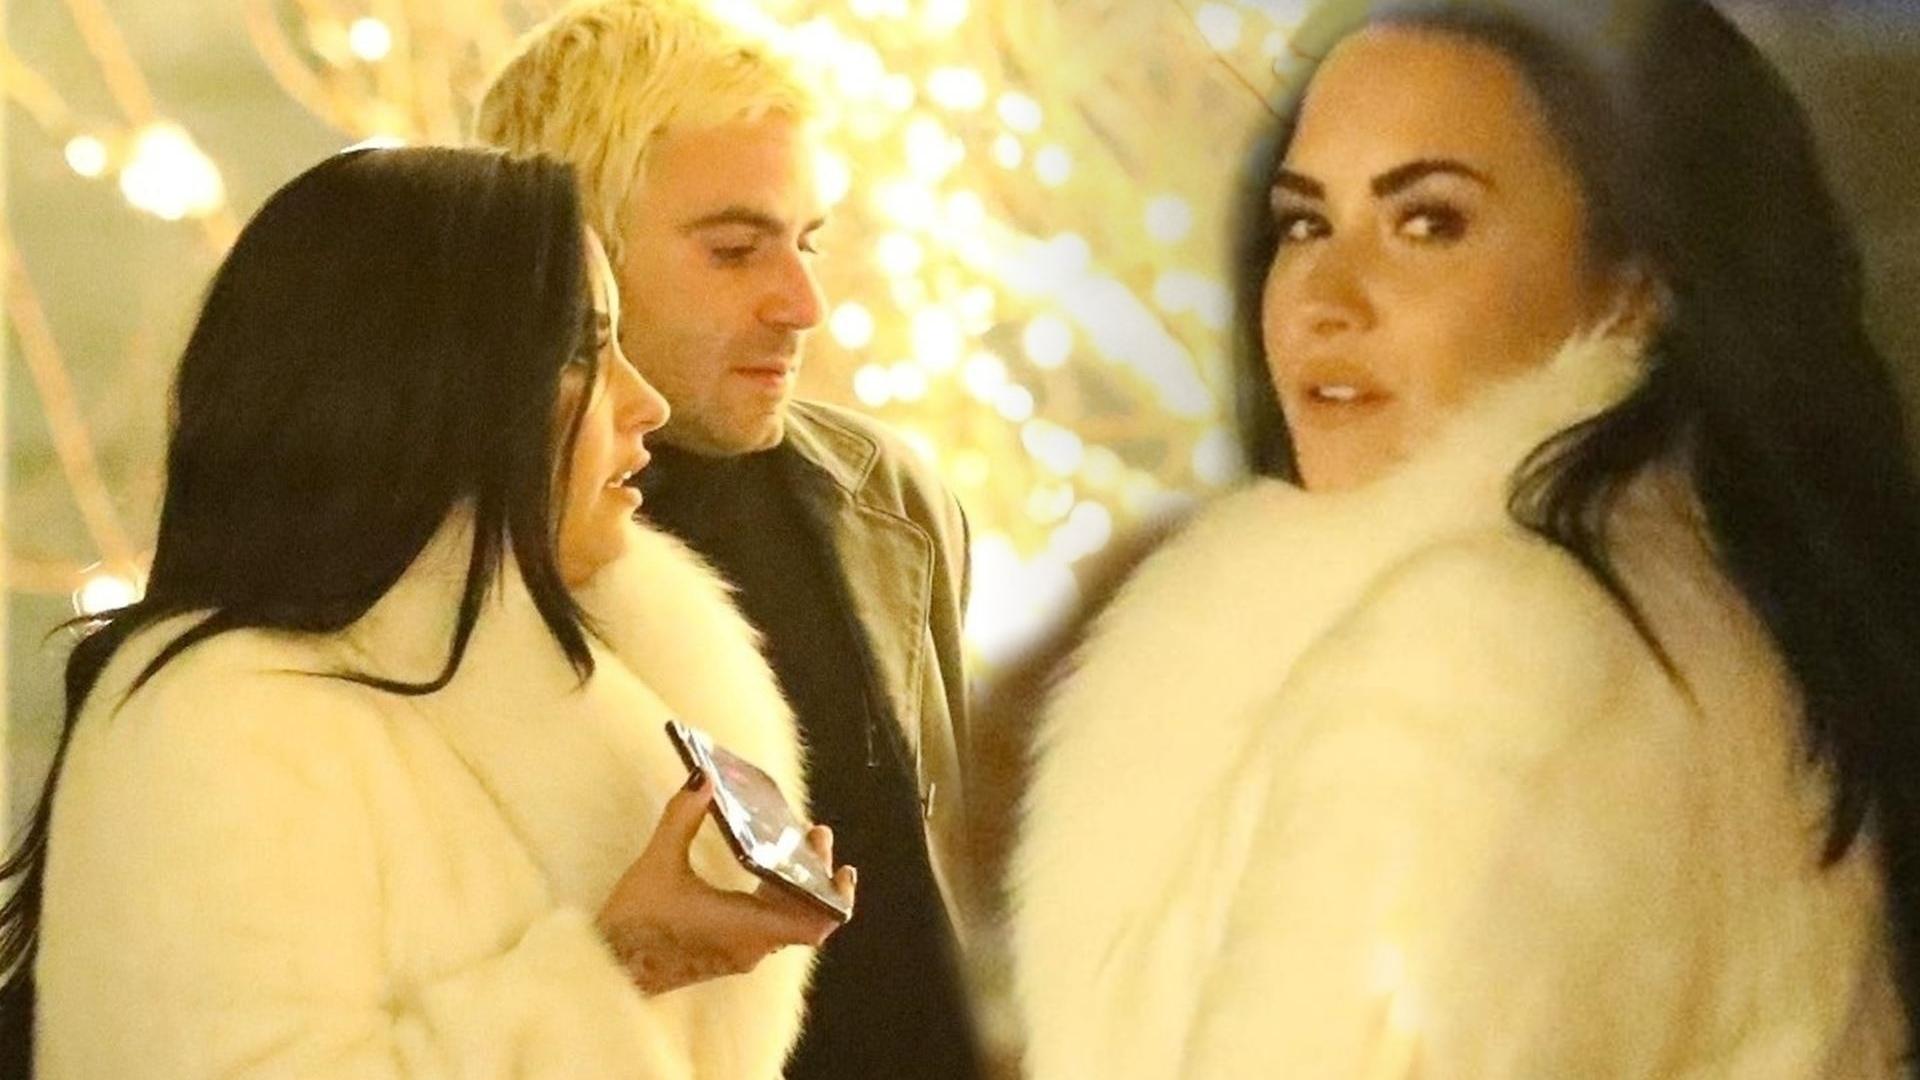 Demi Lovato w OGROMNYM futrze na randce z chłopakiem (ZDJĘCIA)